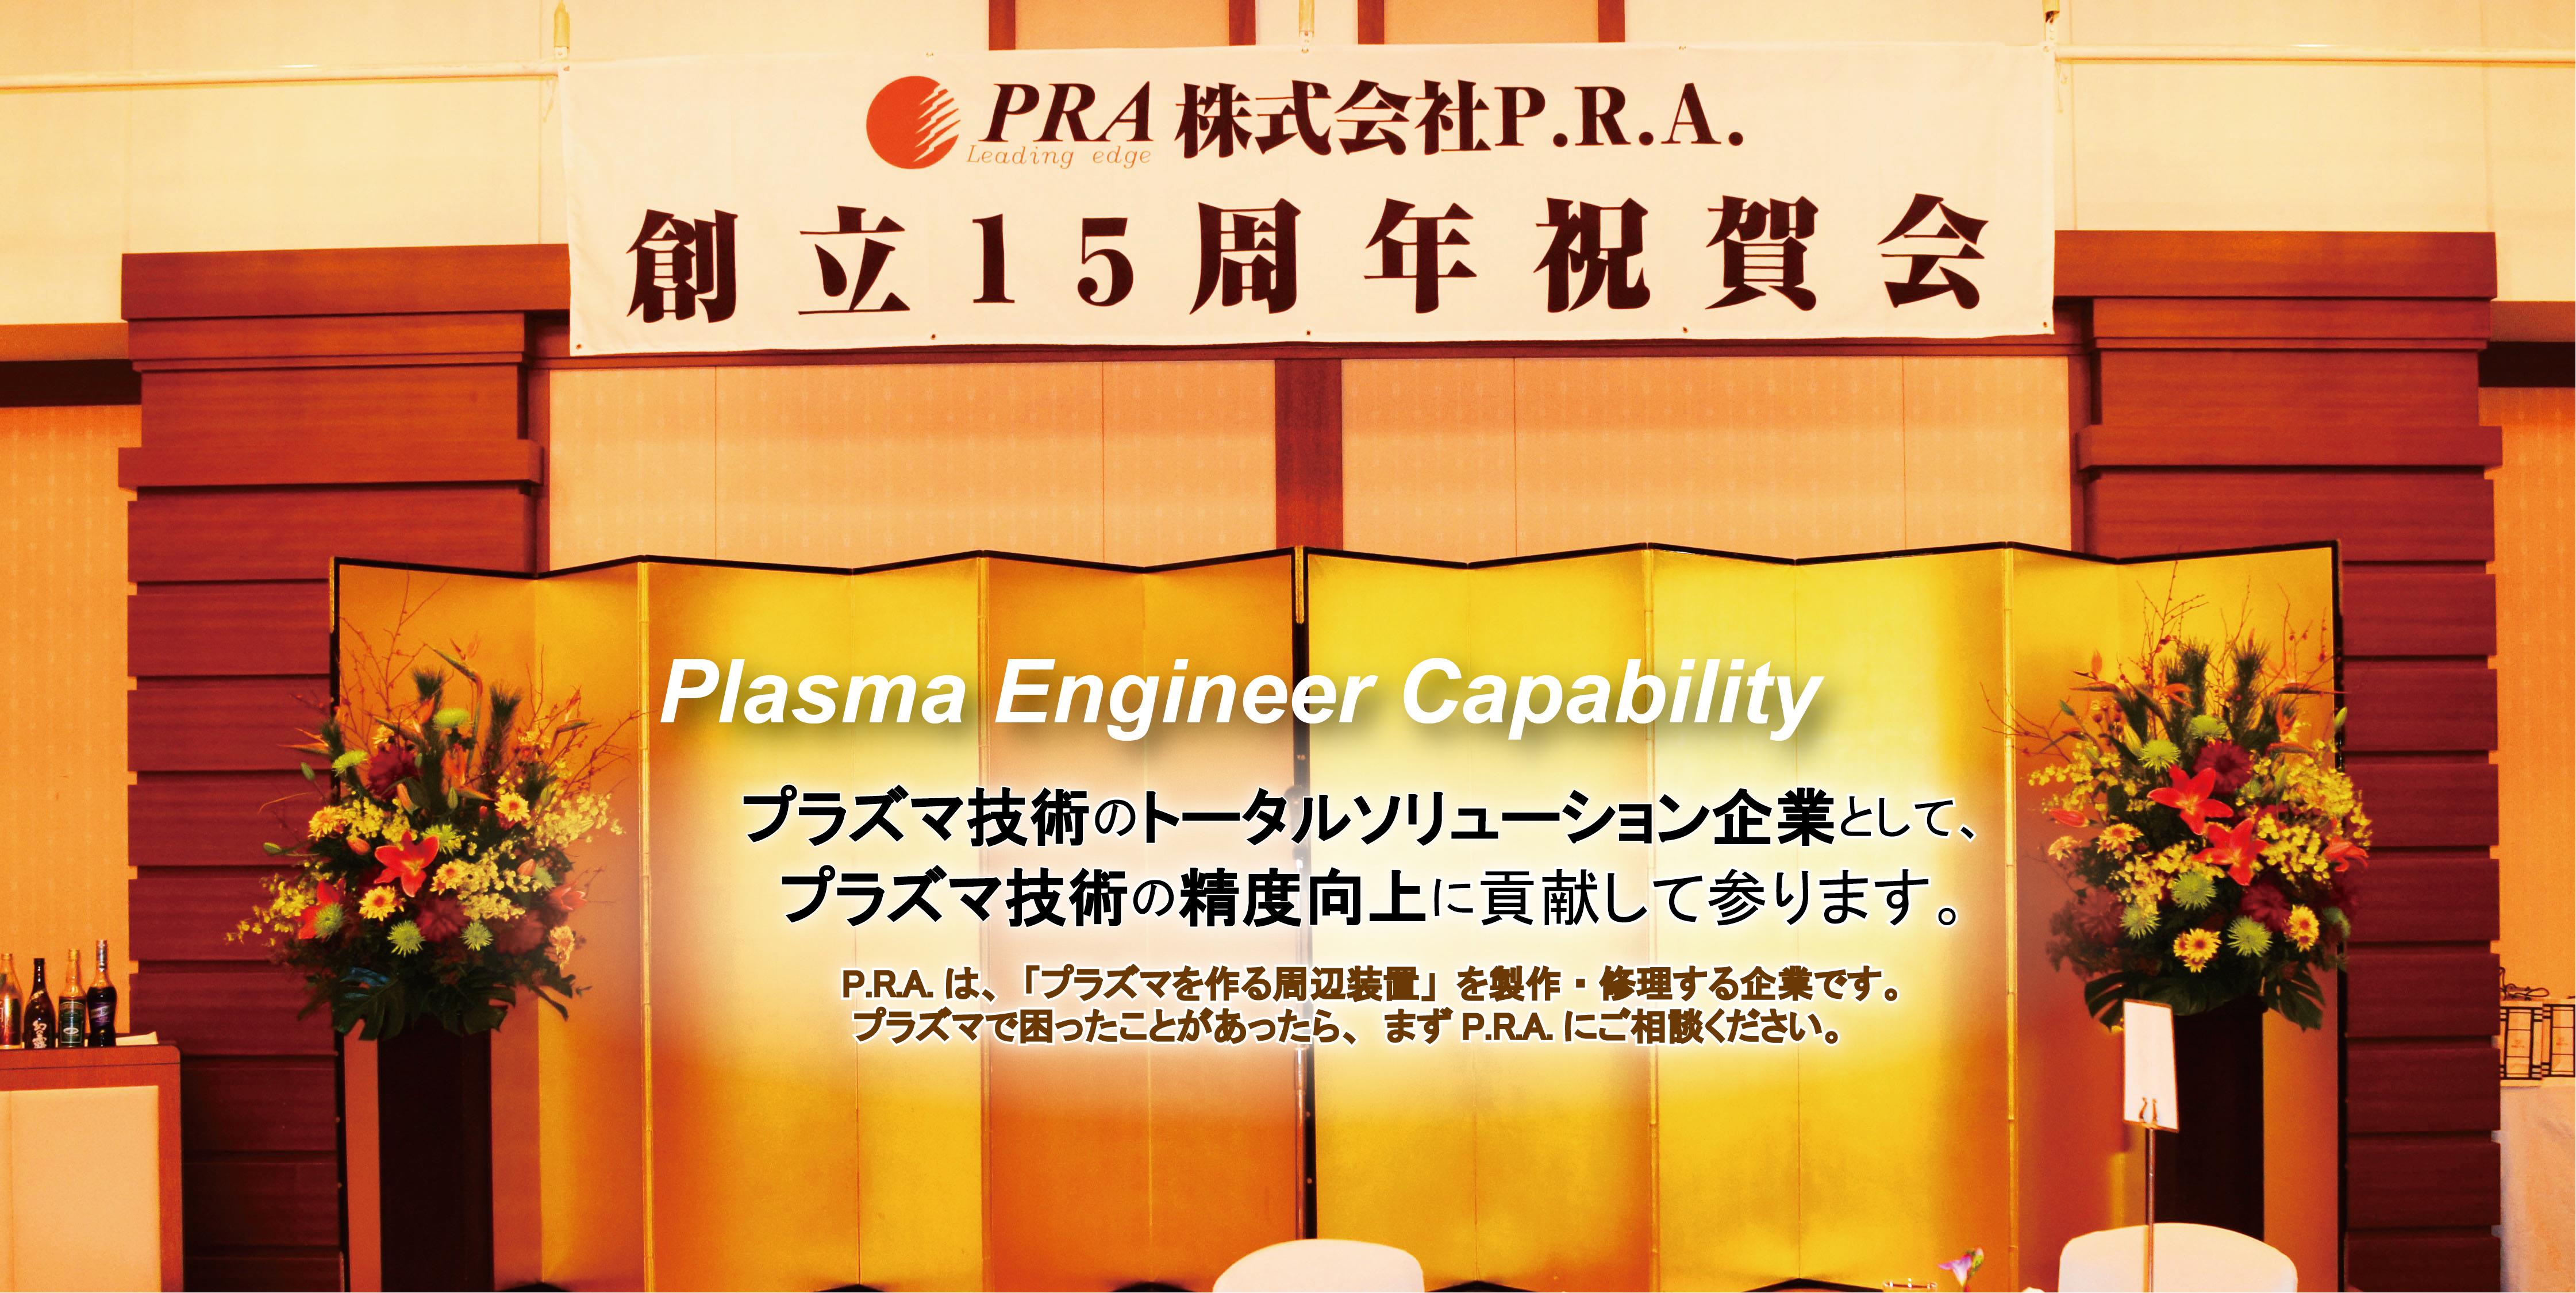 プラズマ技術のトータルソリューション企業として、プラズマ技術の精度向上に貢献して参ります。 P.R.Aは、「プラズマを作る周辺装置」を製作・修理する企業です。プラズマで困ったことがあったら、まずP.R.A.にご相談ください。